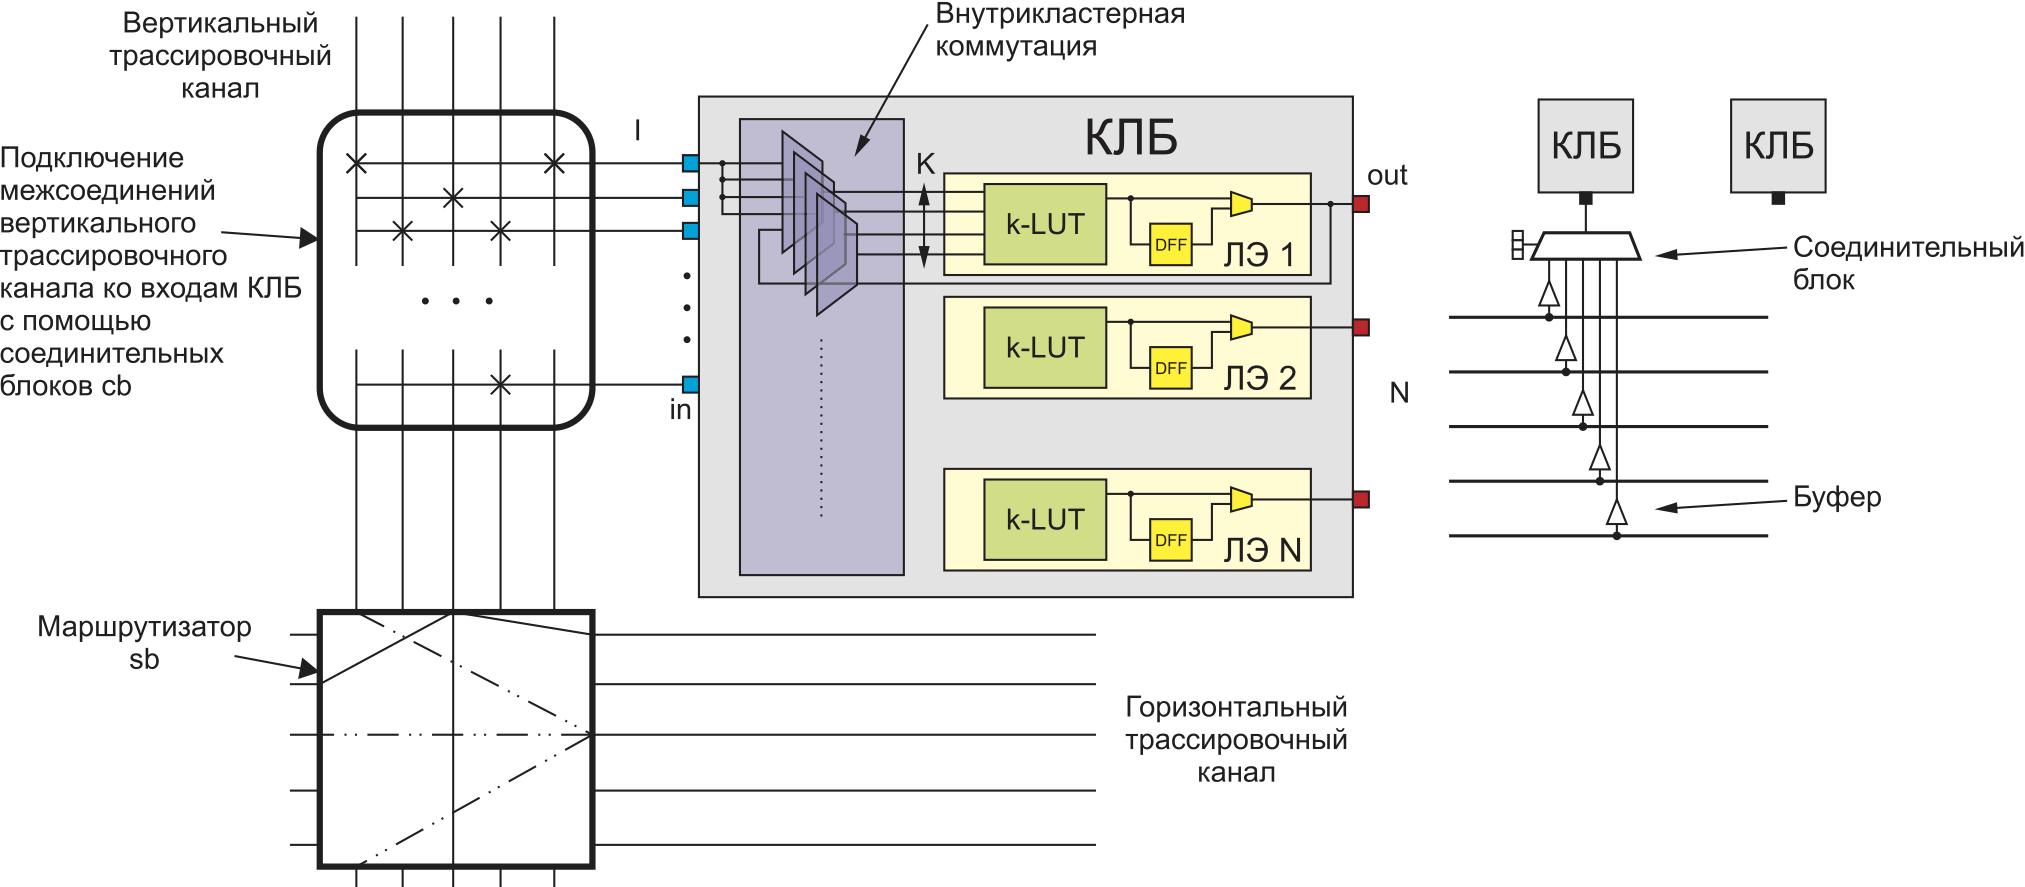 Архитектура академической ПЛИС, принятая в VTR